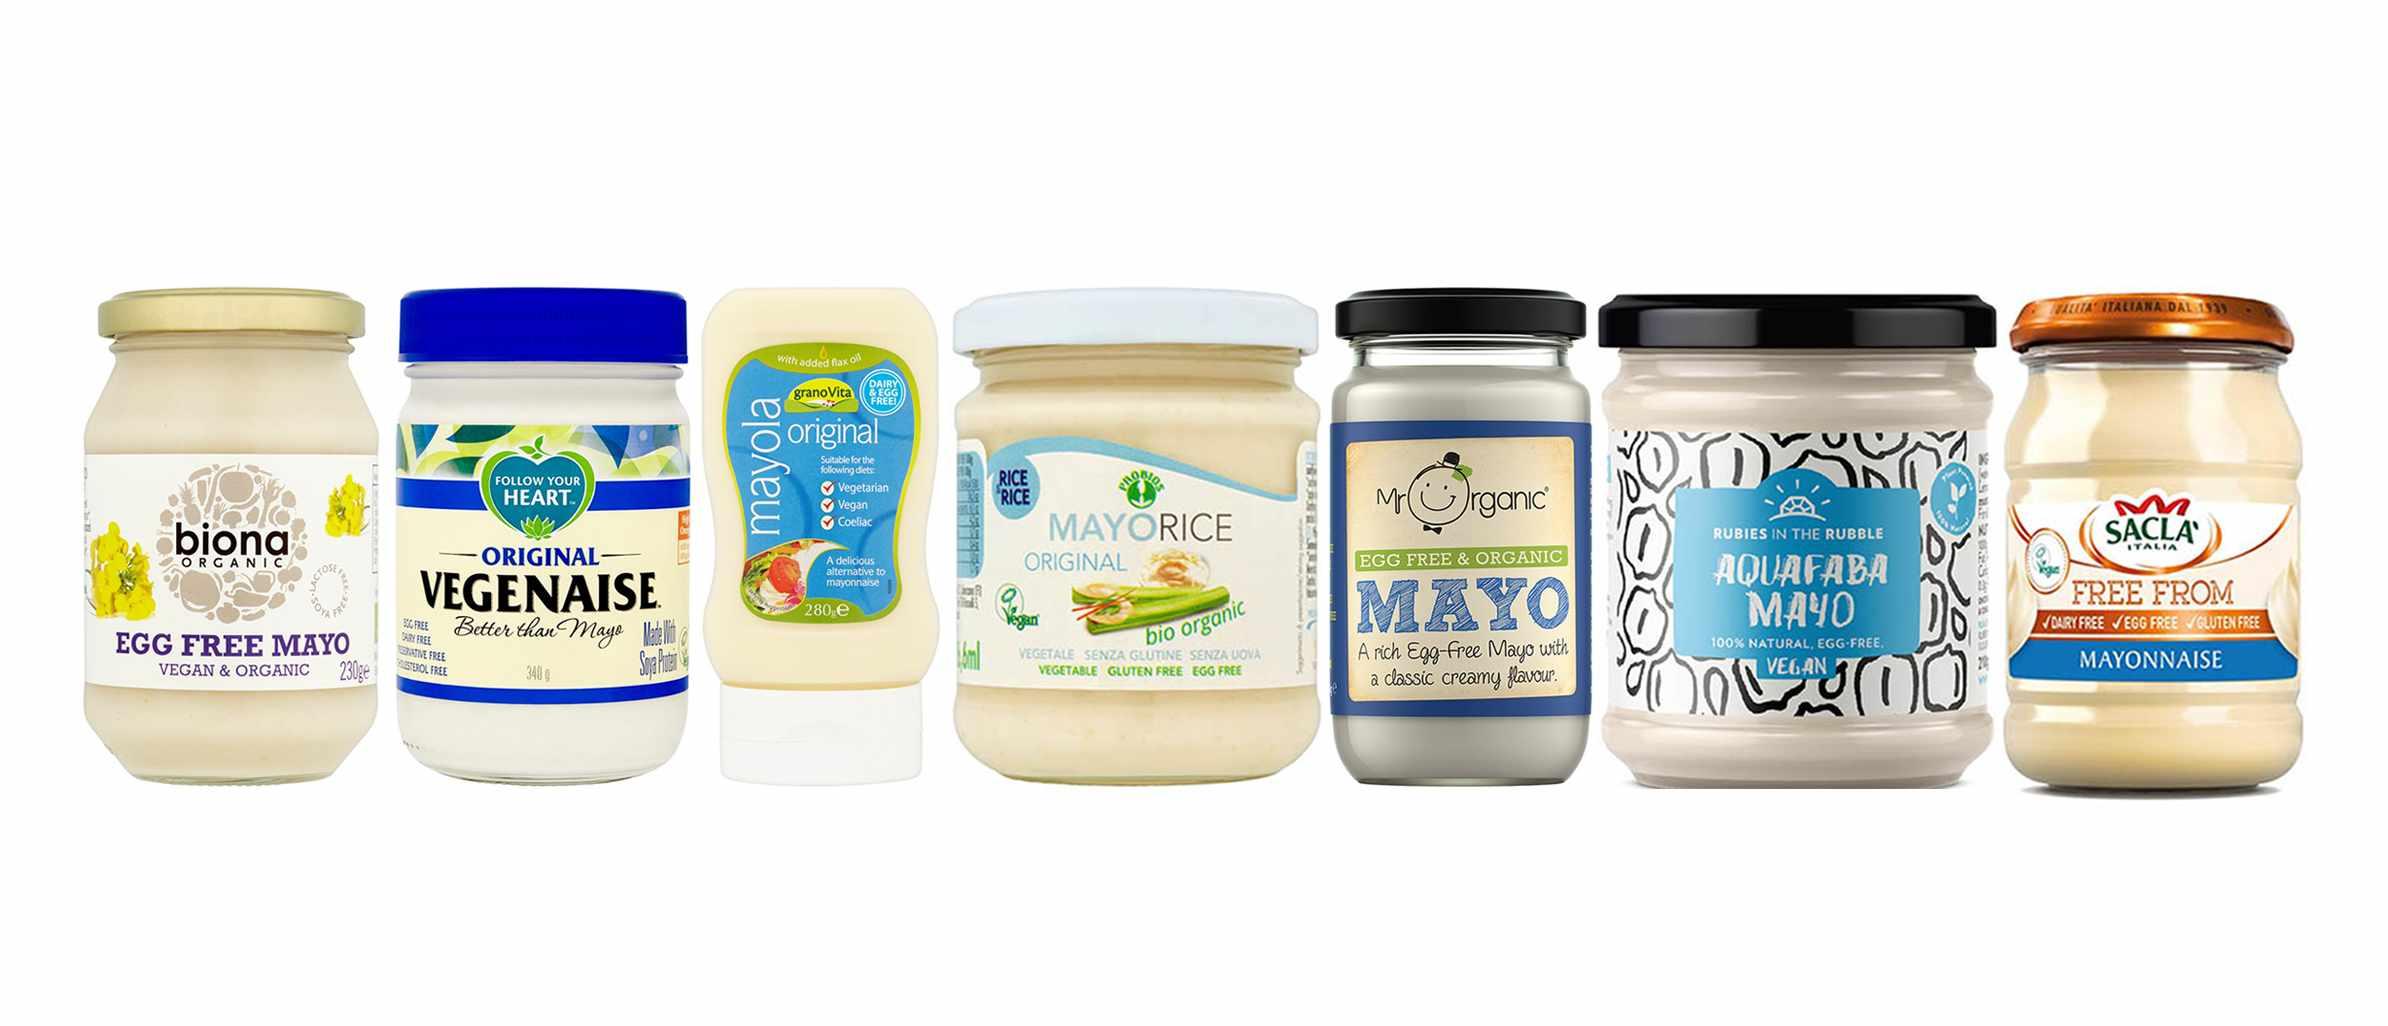 Vegan mayonnaise taste test header image